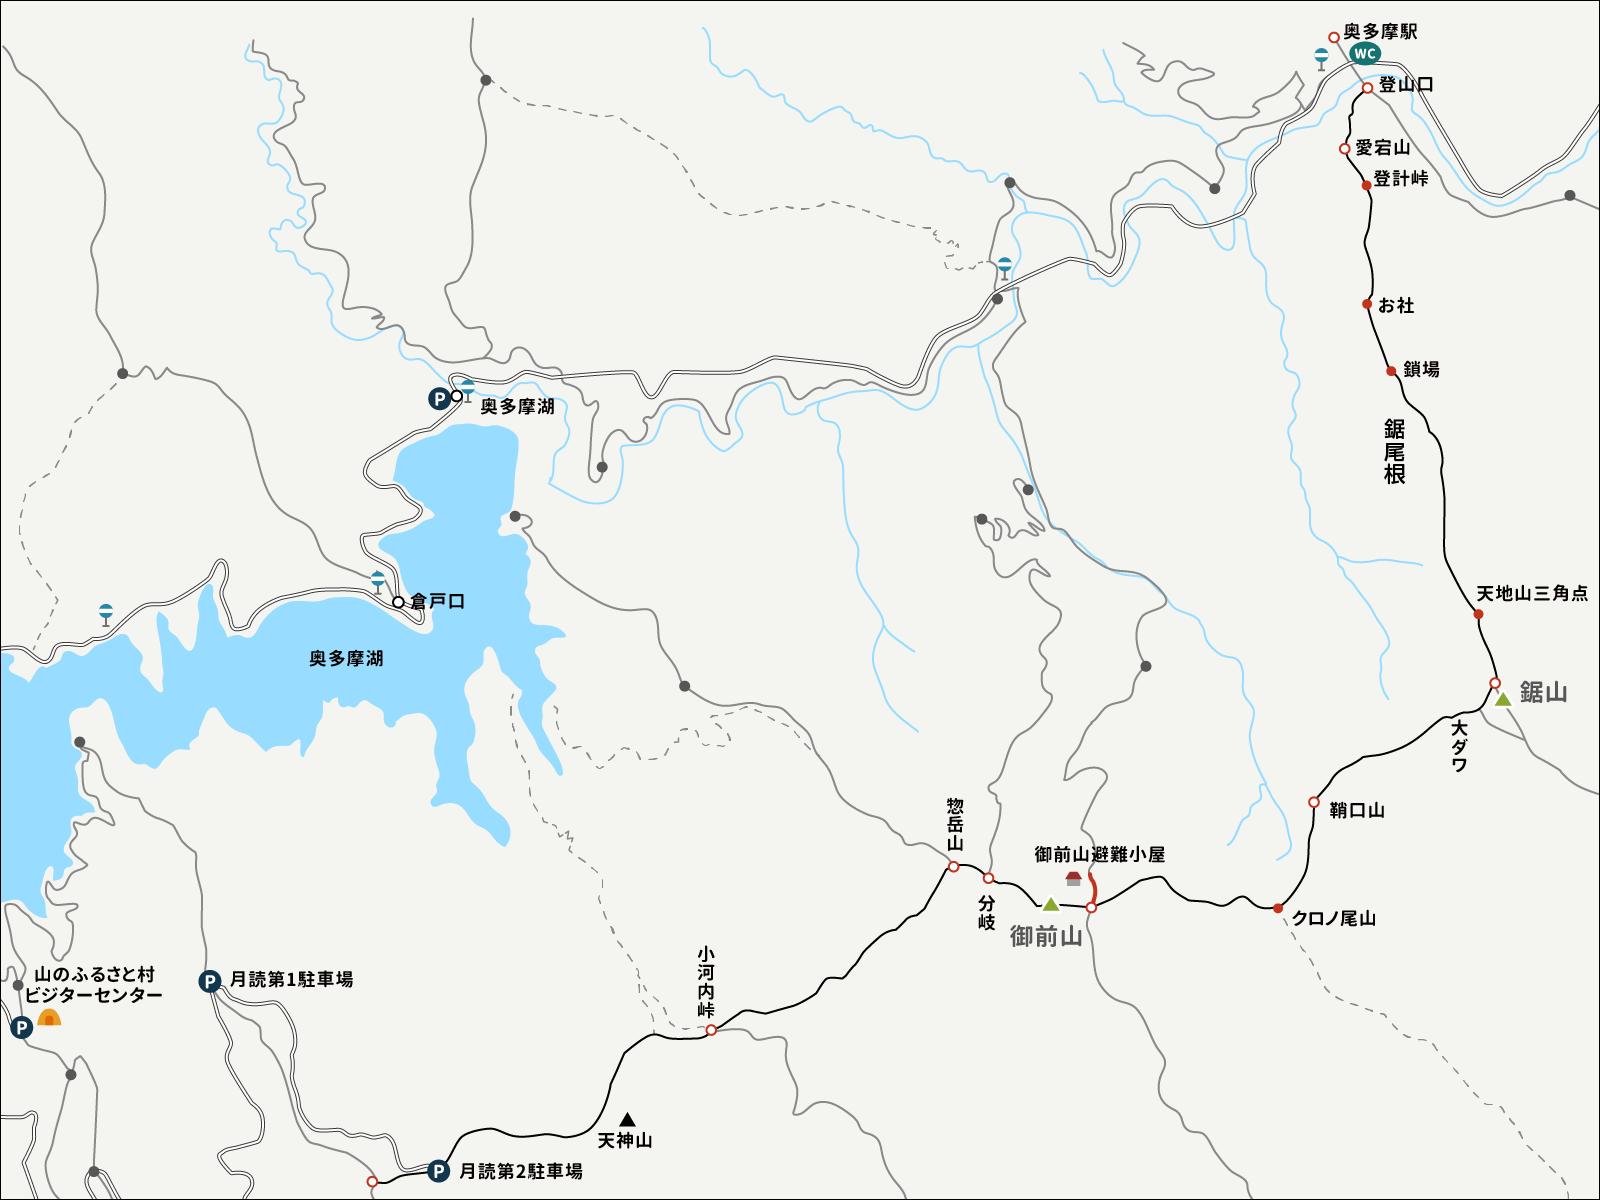 御前山避難小屋のイラストマップ